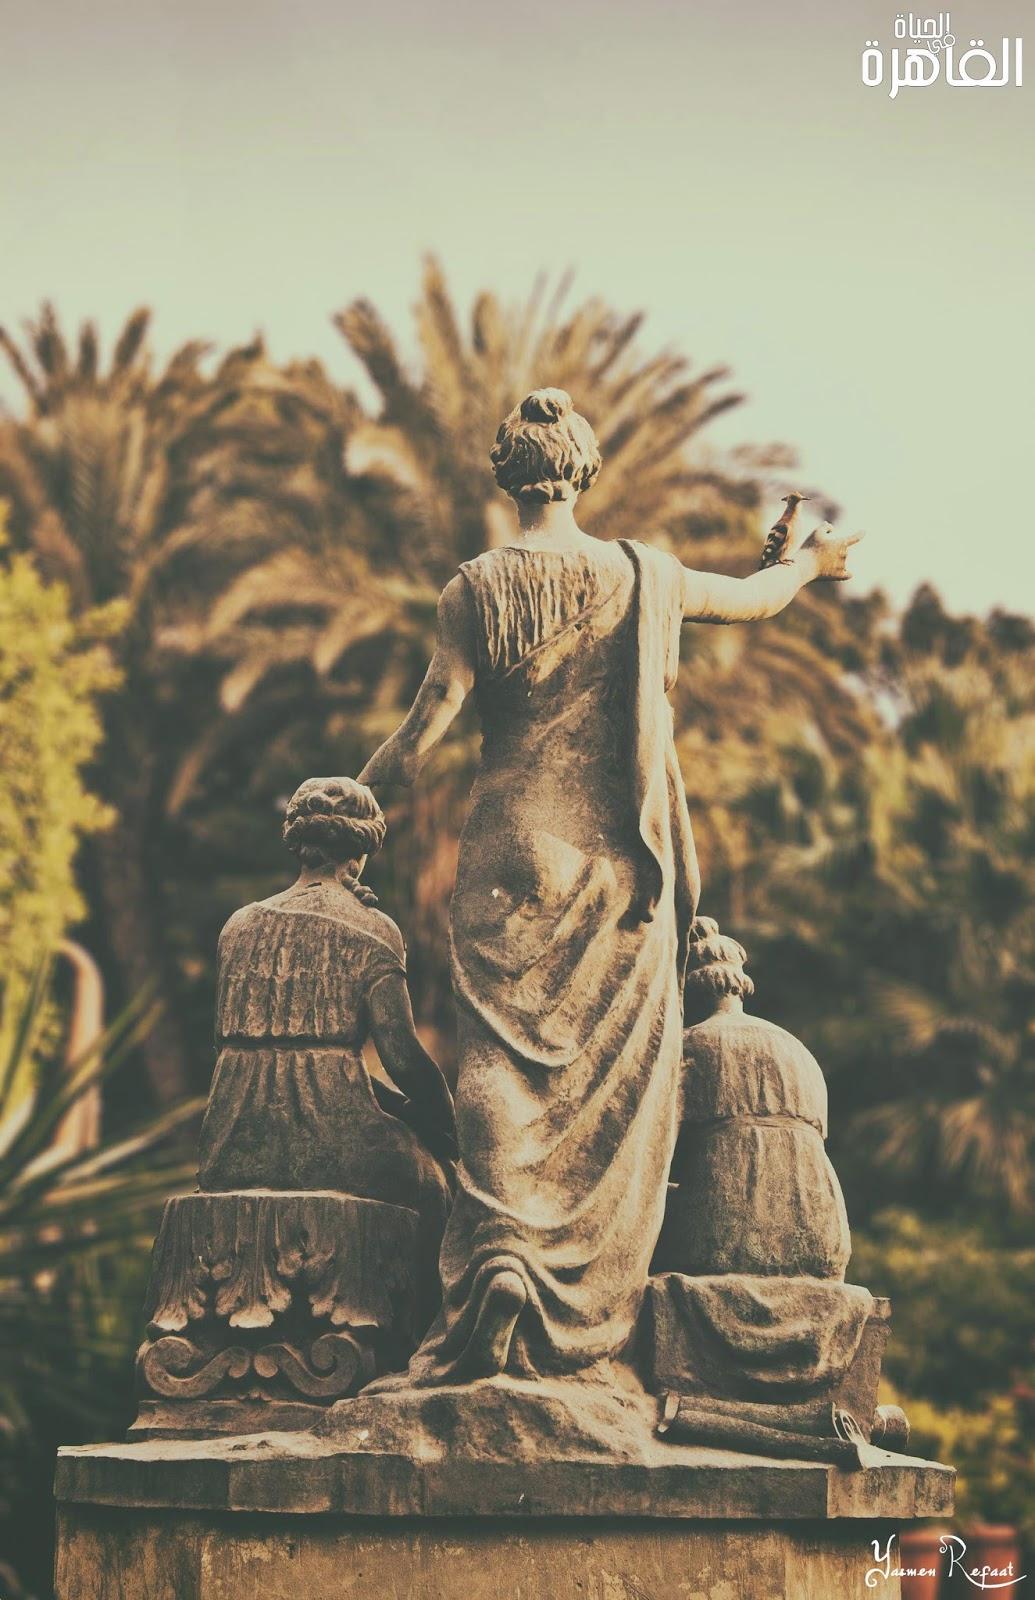 تمثال نهضة الفنون بساحة دار الأوبرا المصرية - الحياة في القاهرة